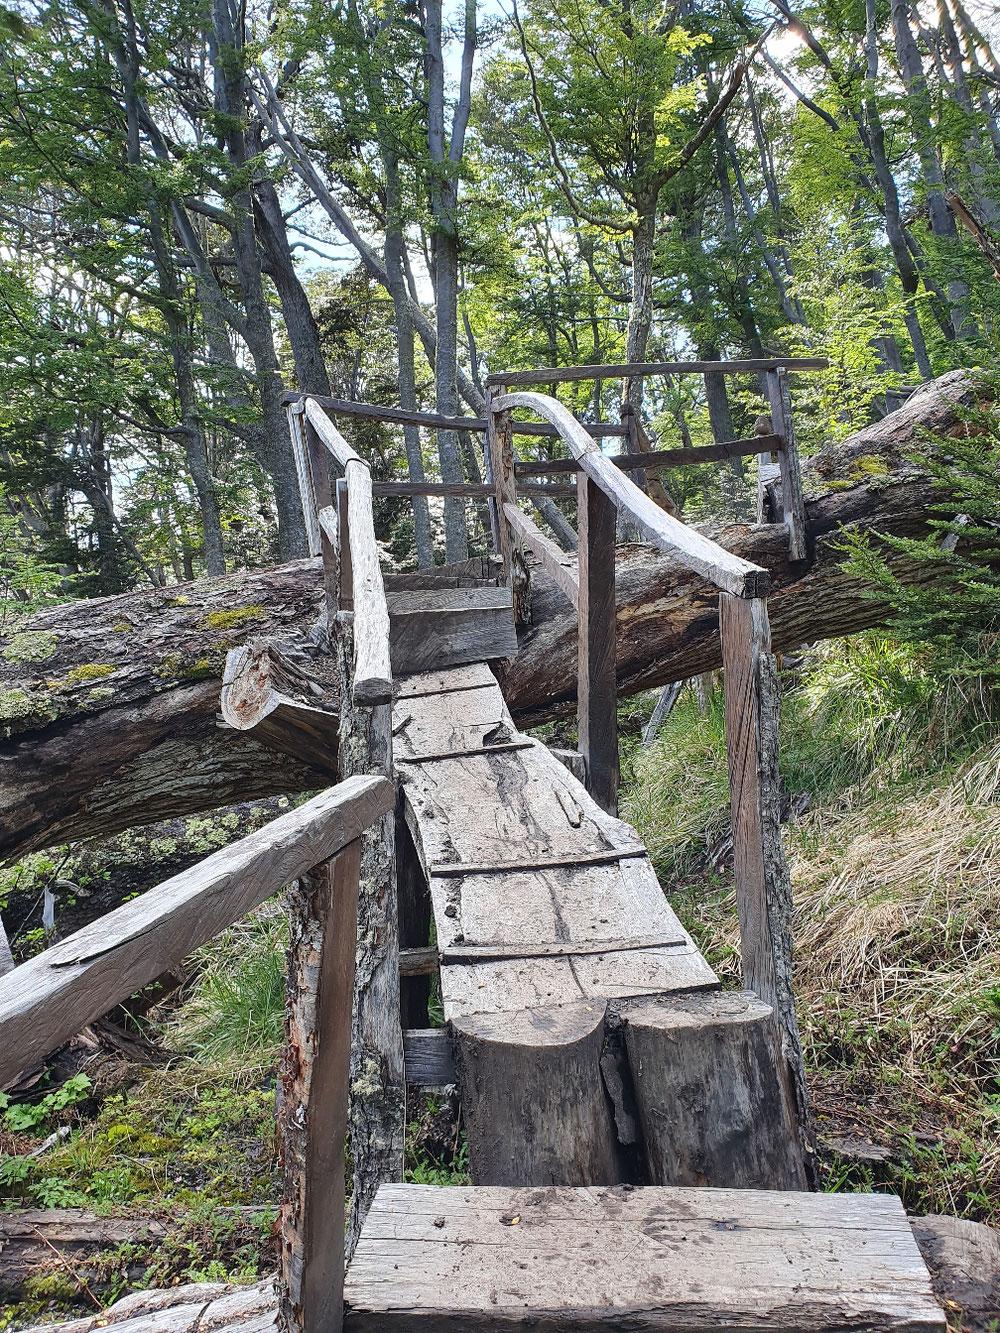 Kreativer Umgang mit umgestürzten Bäumen